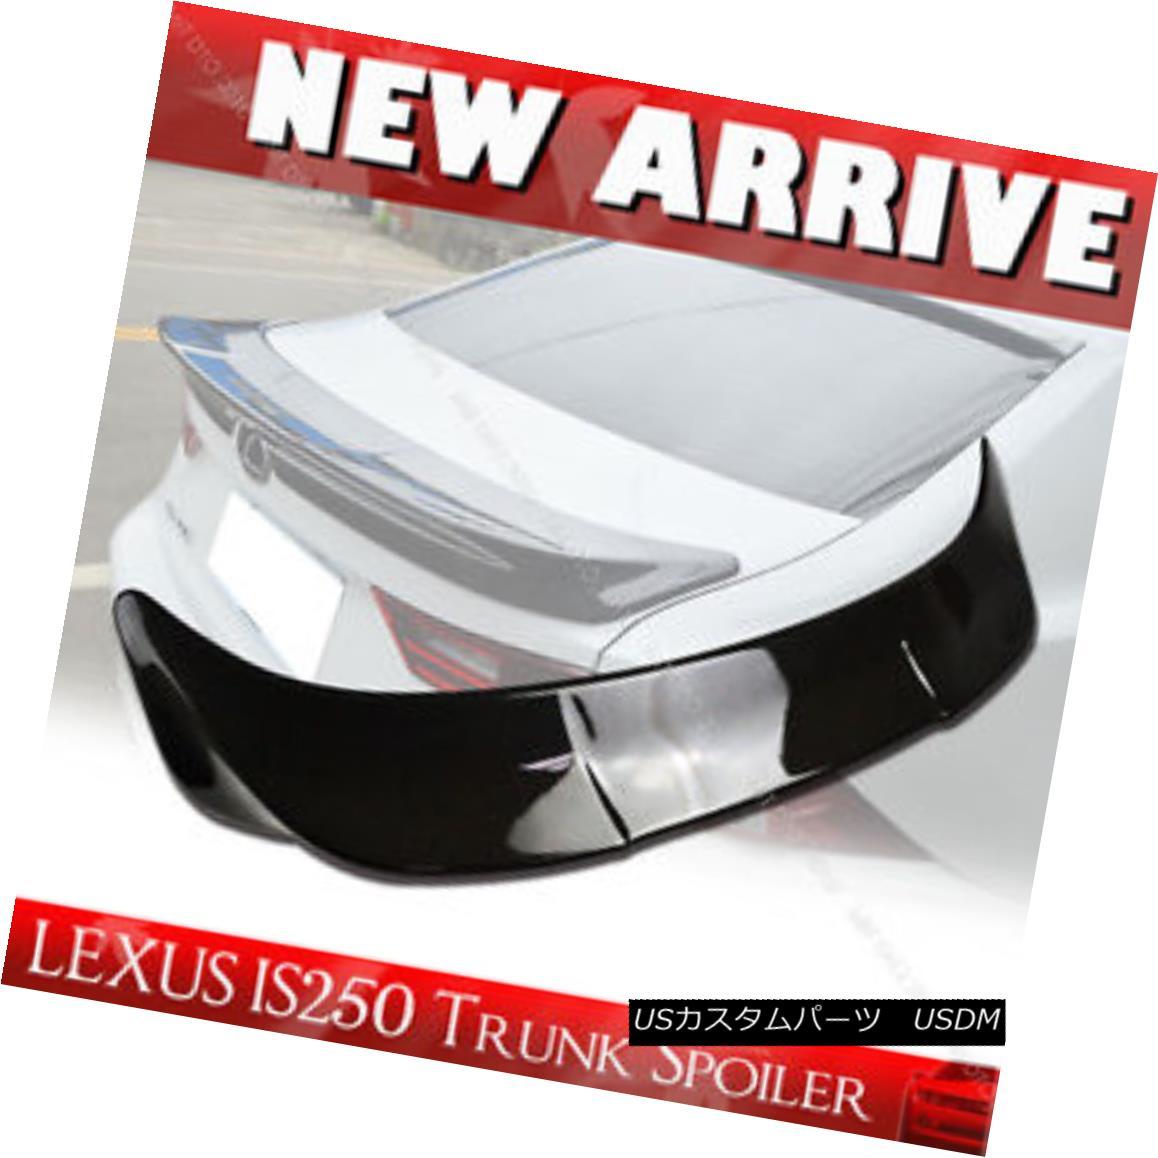 エアロパーツ Carbon Fiber 4-Door sedan For Lexus IS250 IS350 IS F TRD Type Rear Trunk Spoiler レクサスIS250用カーボンファイバー4ドアセダンIS350 IS F TRDタイプリアトランクスポイラー